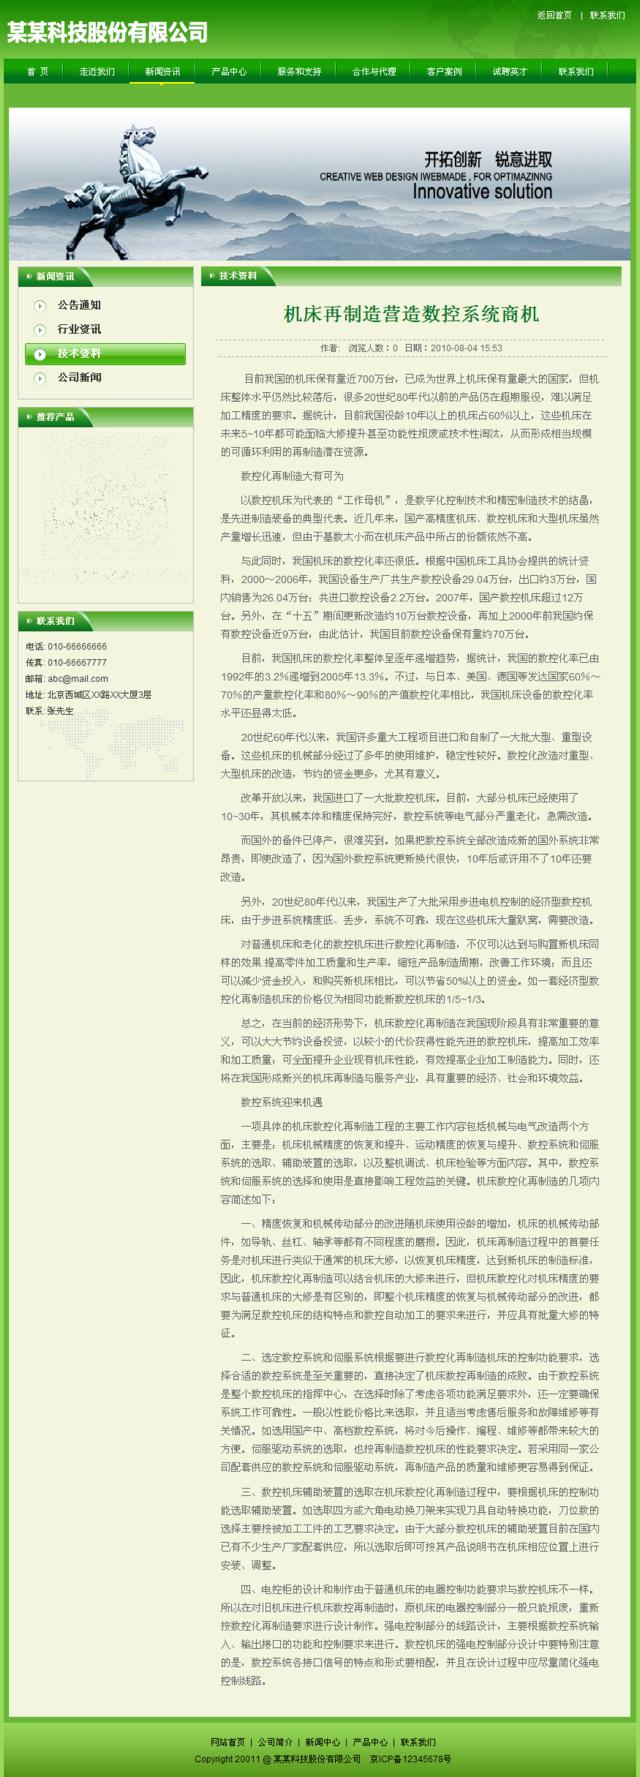 帝国cms绿色模板之环保时代_新闻内容